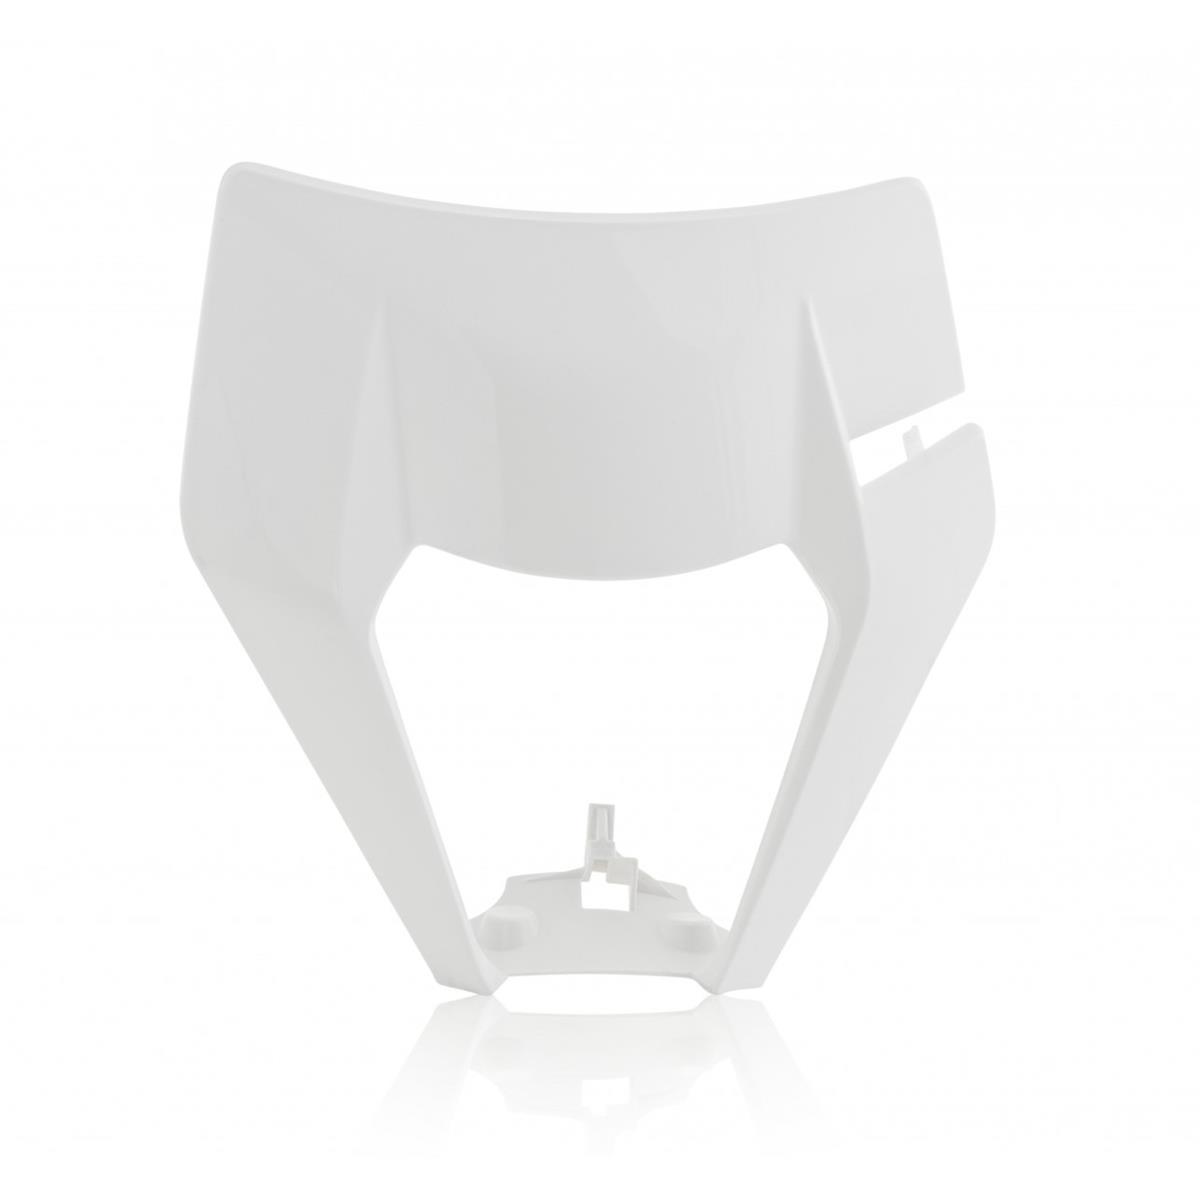 Acerbis Lampenmaske  KTM EXC 125/150/250/300, EXC-F 250/350/450 17-19, Weiß